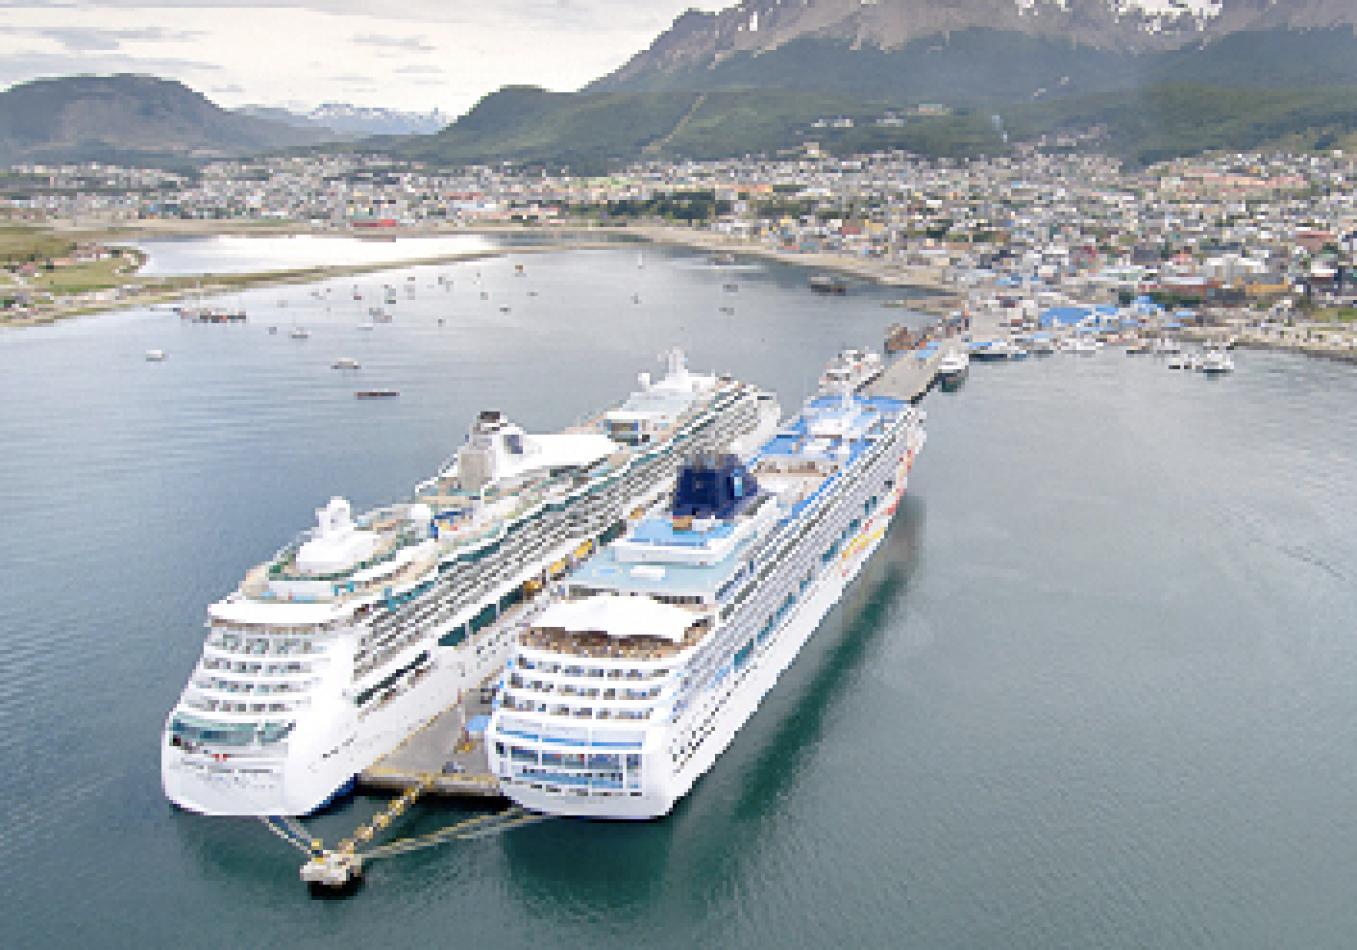 Puerto de Ushuaia espera 394 recaladas esta temporada